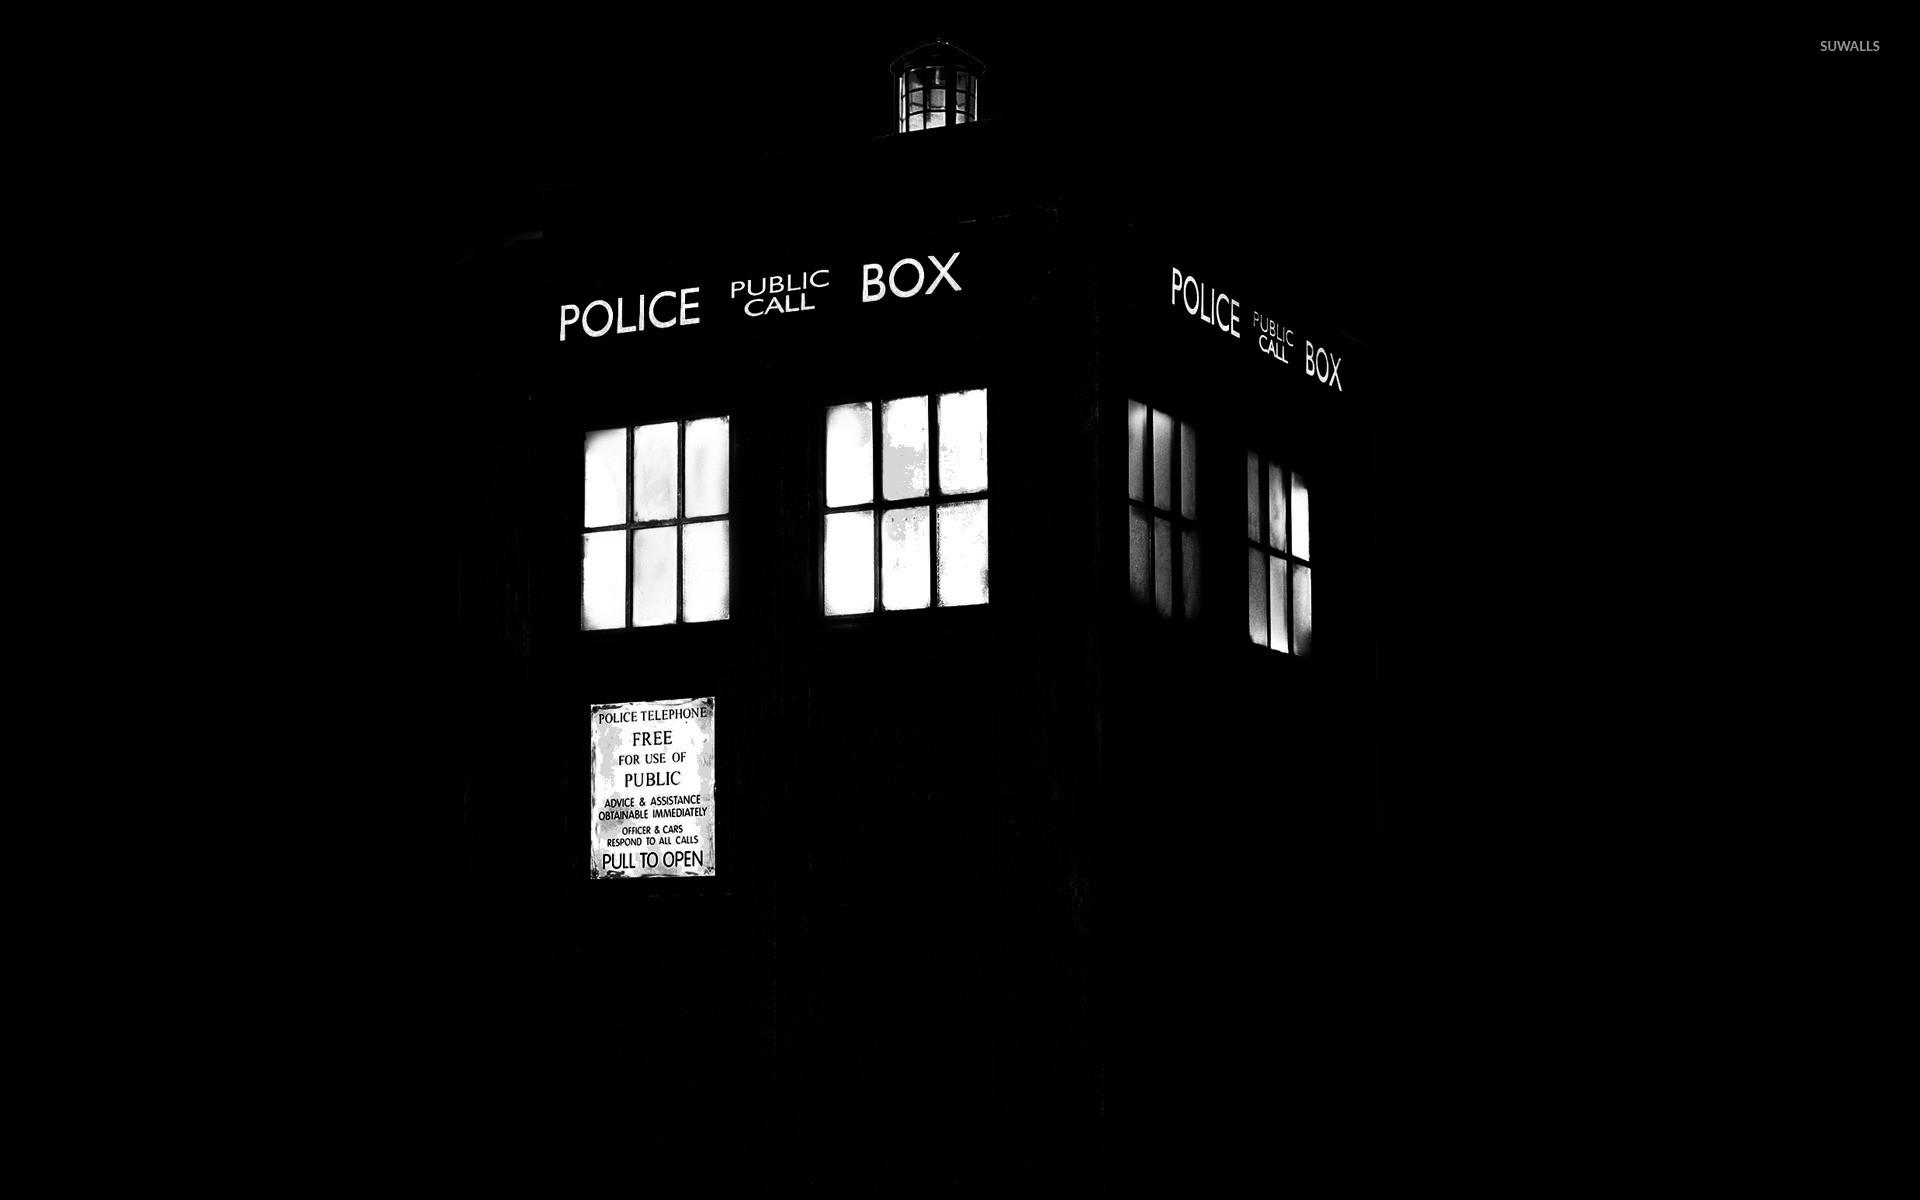 TARDIS Desktop Wallpapers – Wallpaper Cave